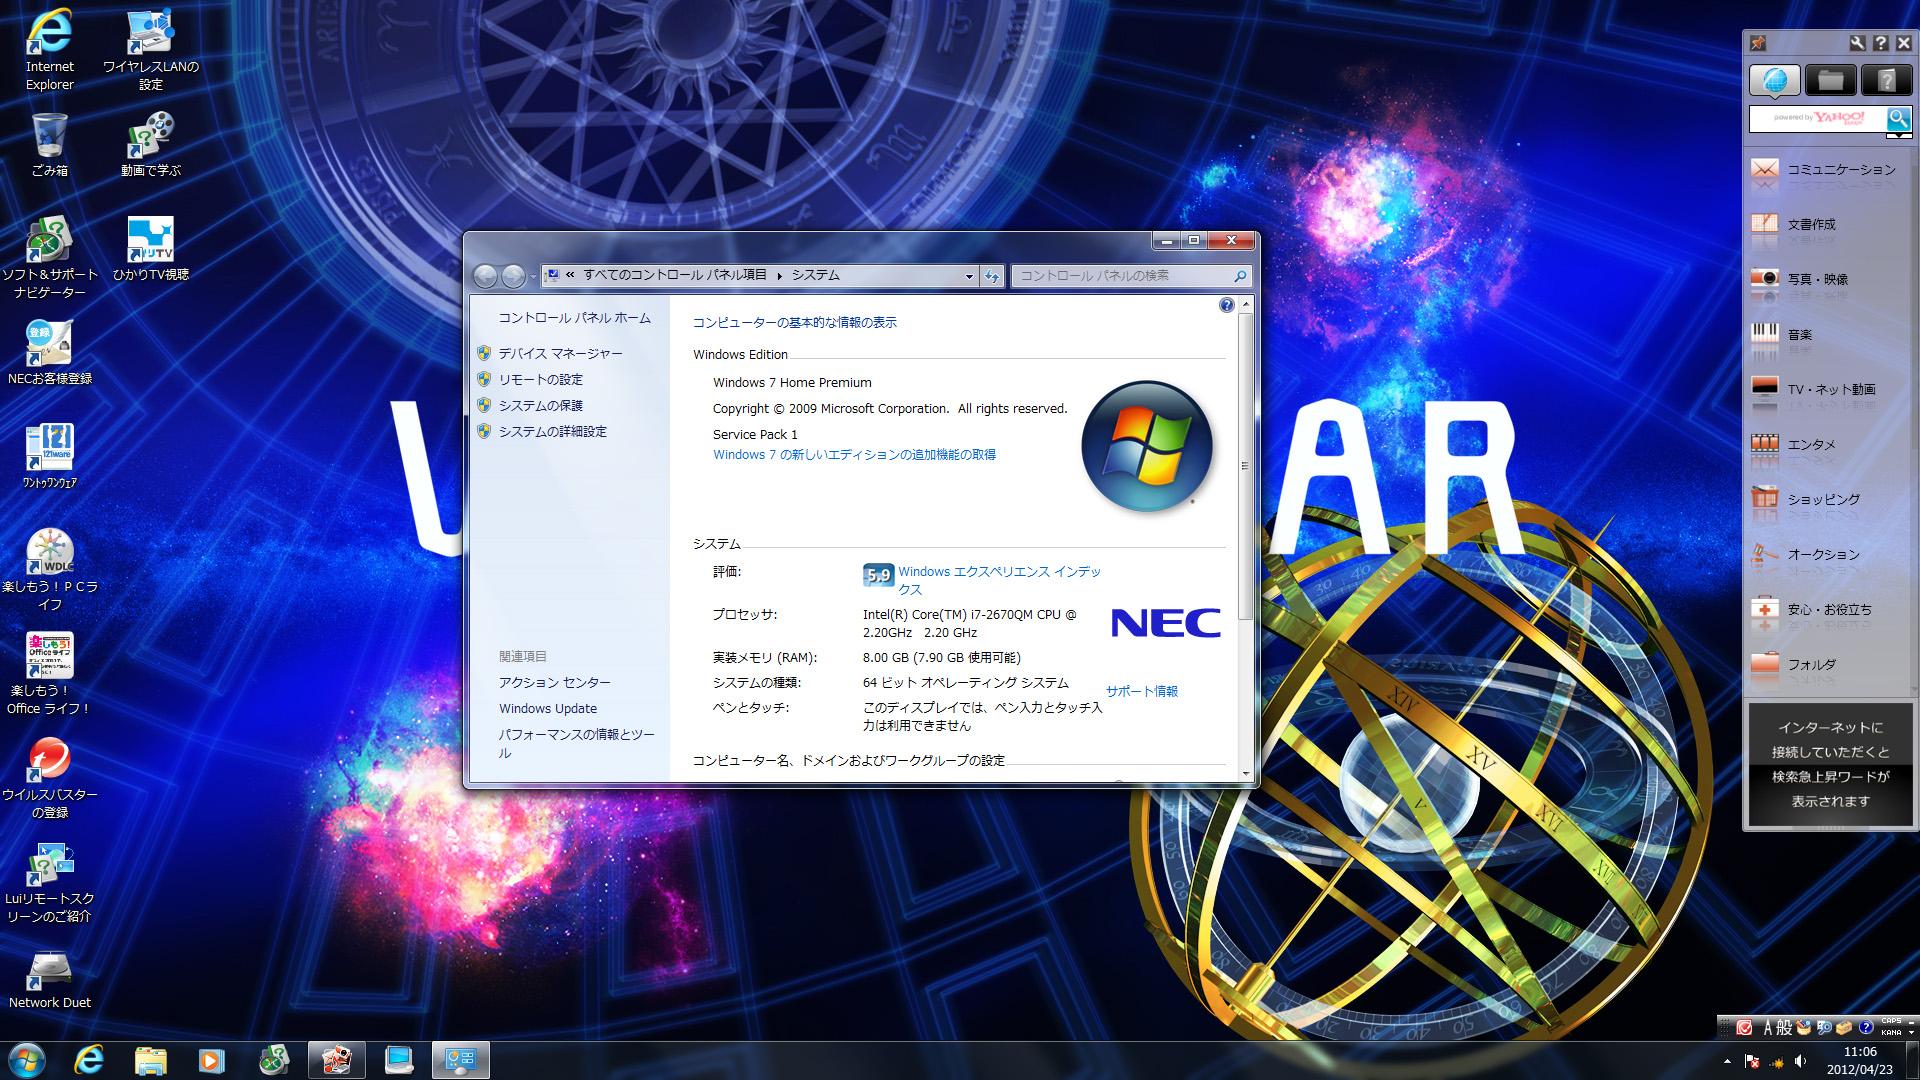 起動時のデスクトップ。フルHDの1,920×1,080ドット。同社らしく、デスクトップにいろいろな種類のショートカットを配置